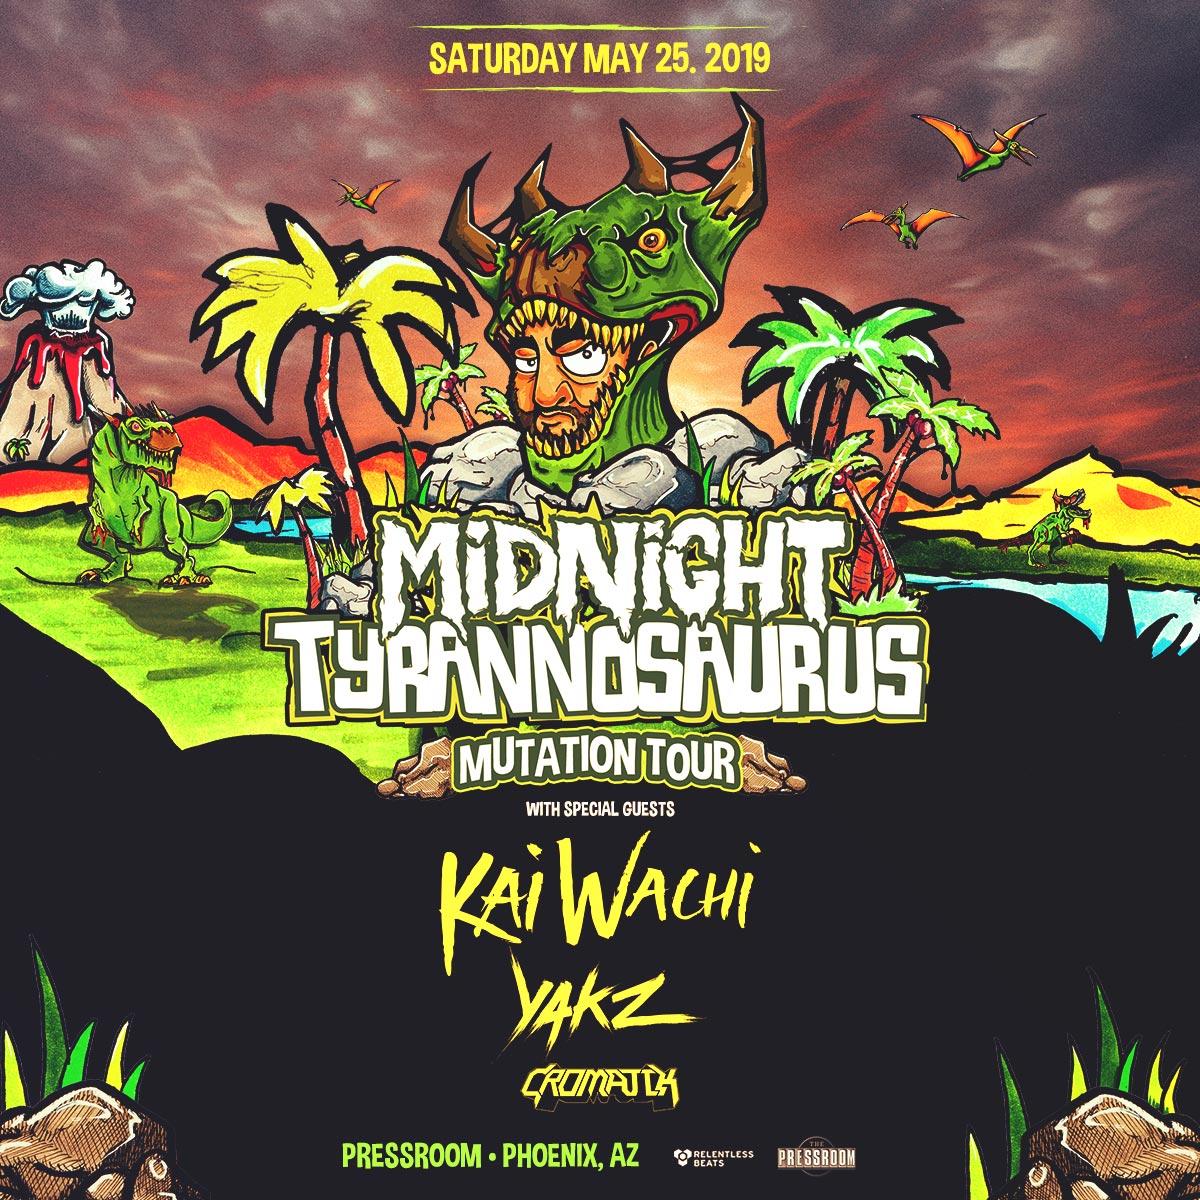 Flyer for Midnight Tyrannosaurus